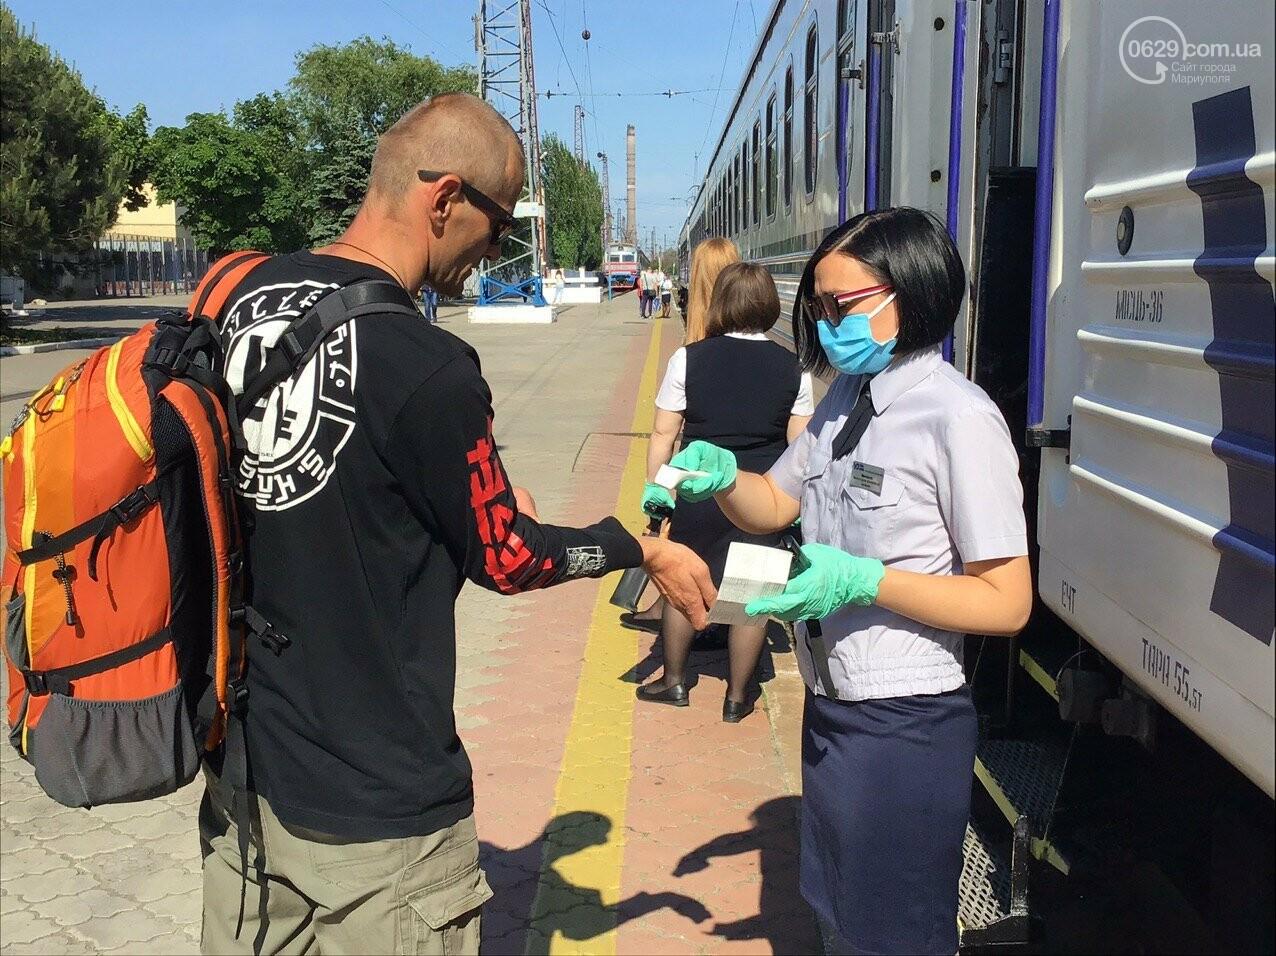 Из Мариуполя отправился первый поезд в Киев, - ФОТОРЕПОРТАЖ, ВИДЕО, фото-1